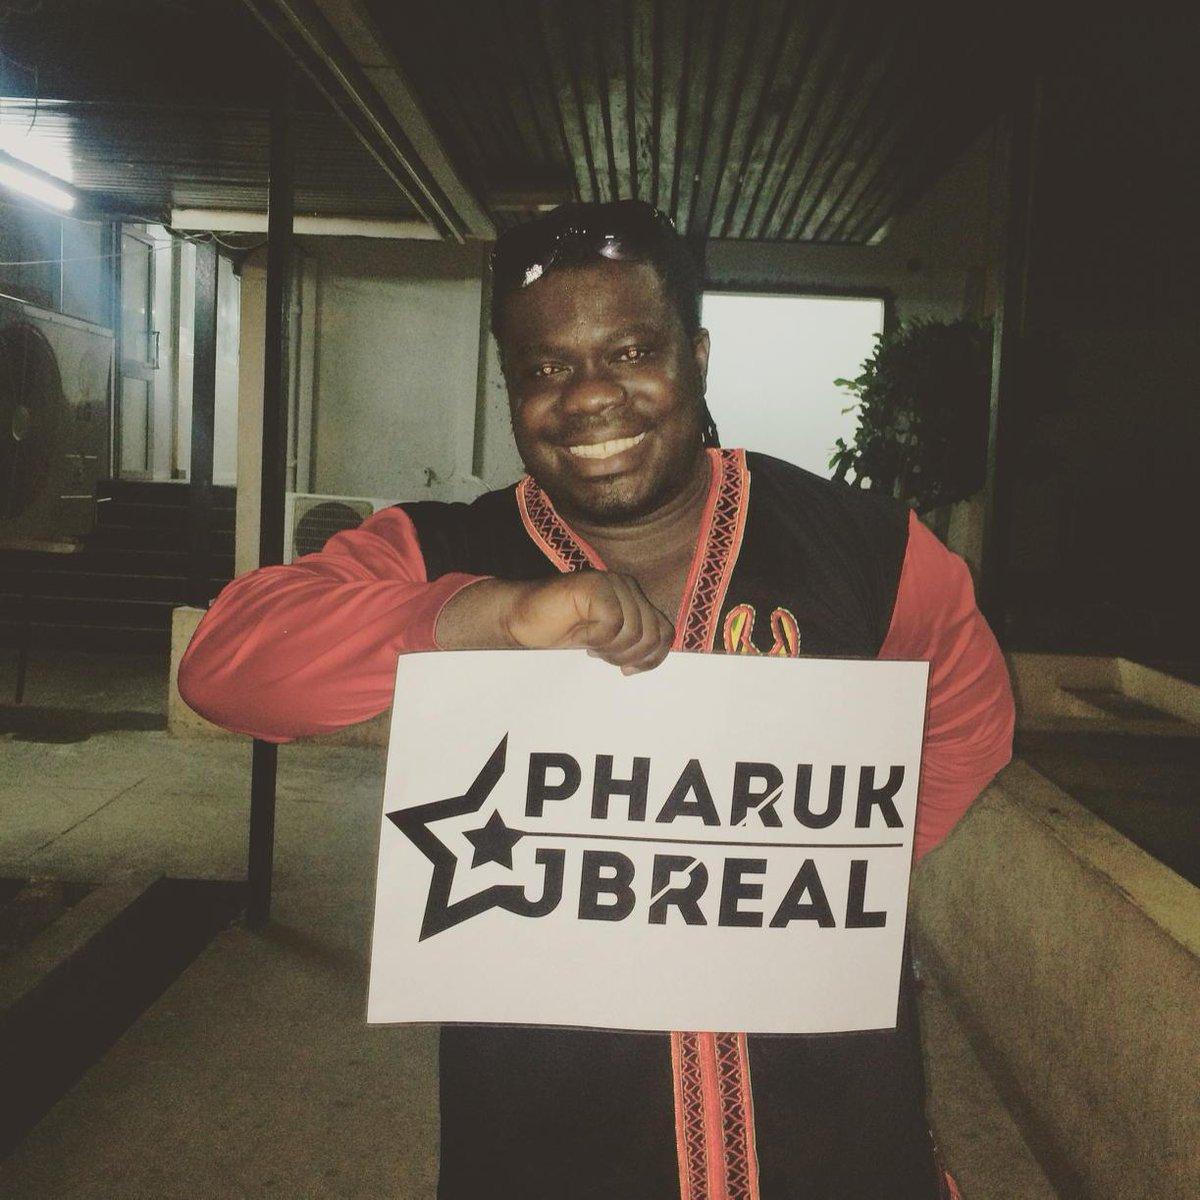 MusiGa President spotted #pharukjbreal @Pharuk_Jbreal #GoodMusic http://t.co/GlblunlMAX